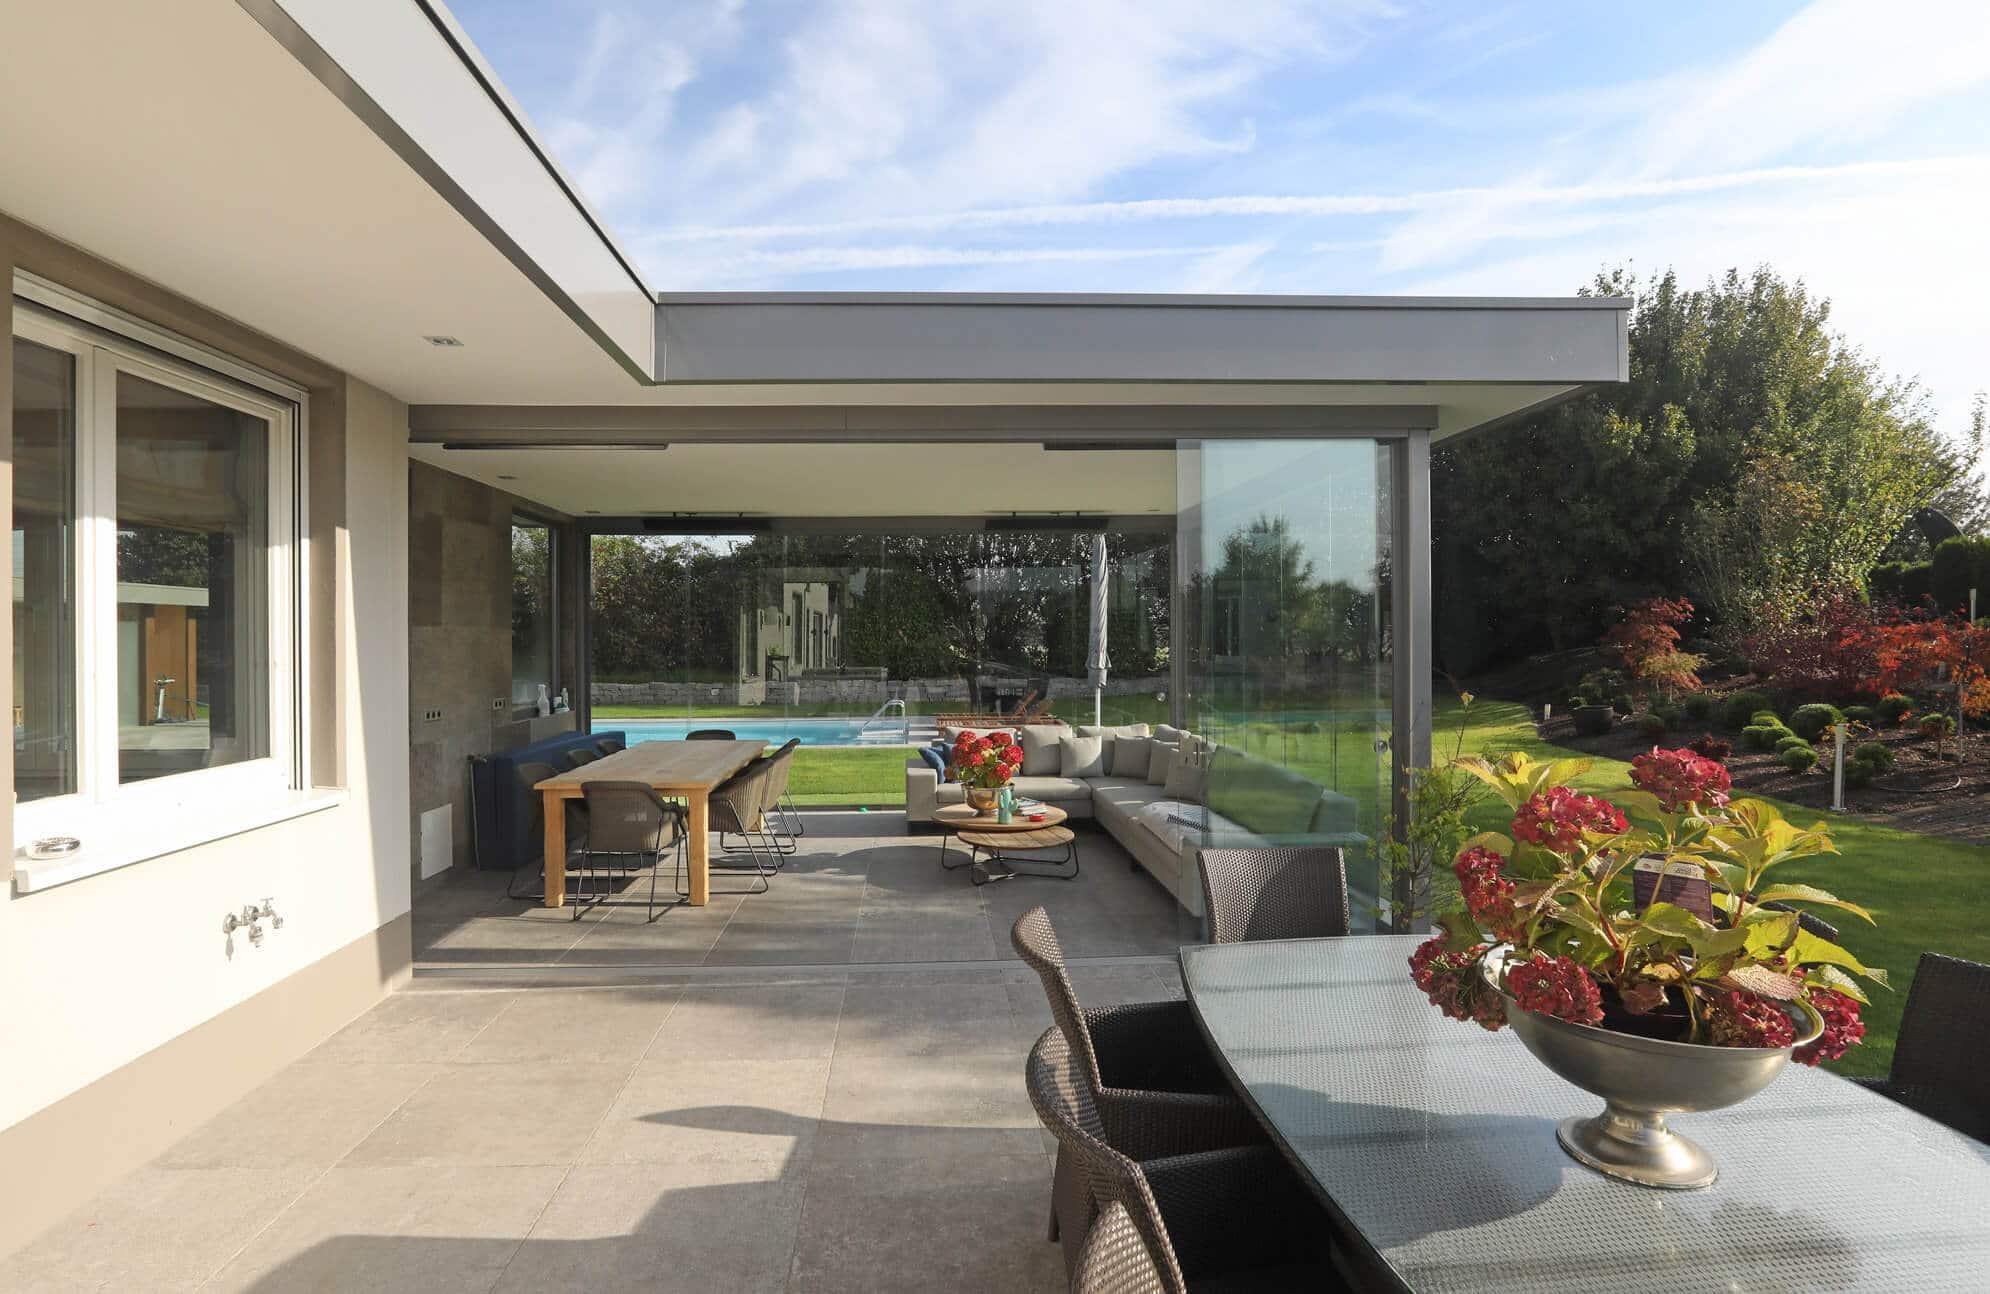 Wintergarten fixes Dach mit Schiebewänden